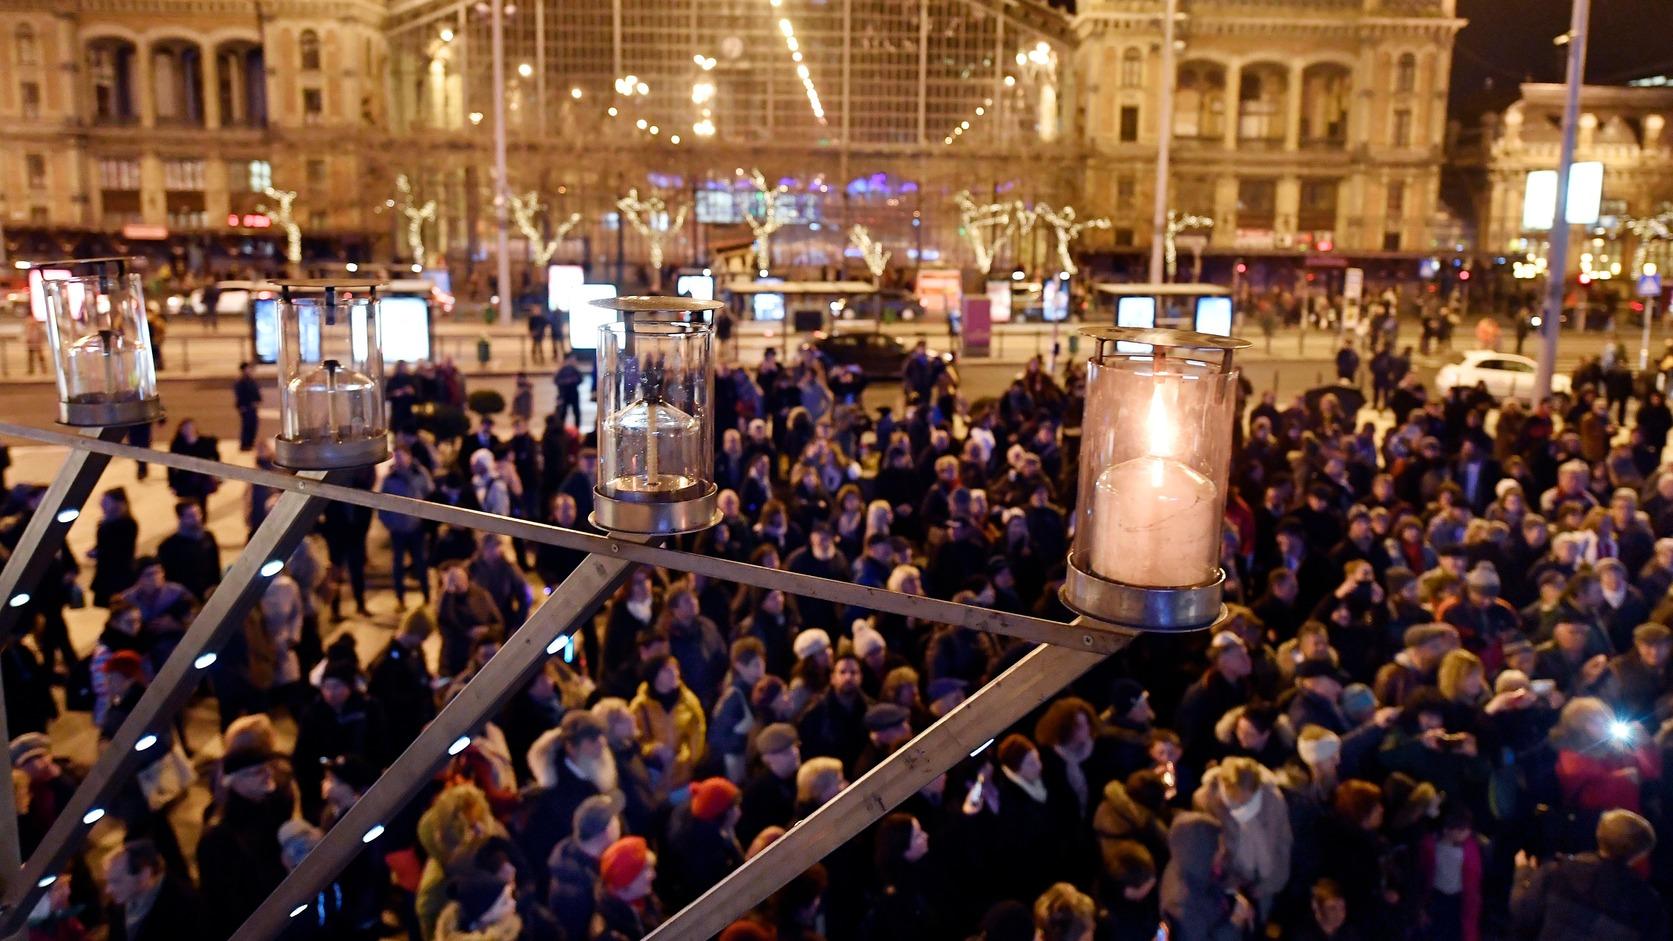 Jubileumi hanukai-gyertyagyújtás a Nyugati téren